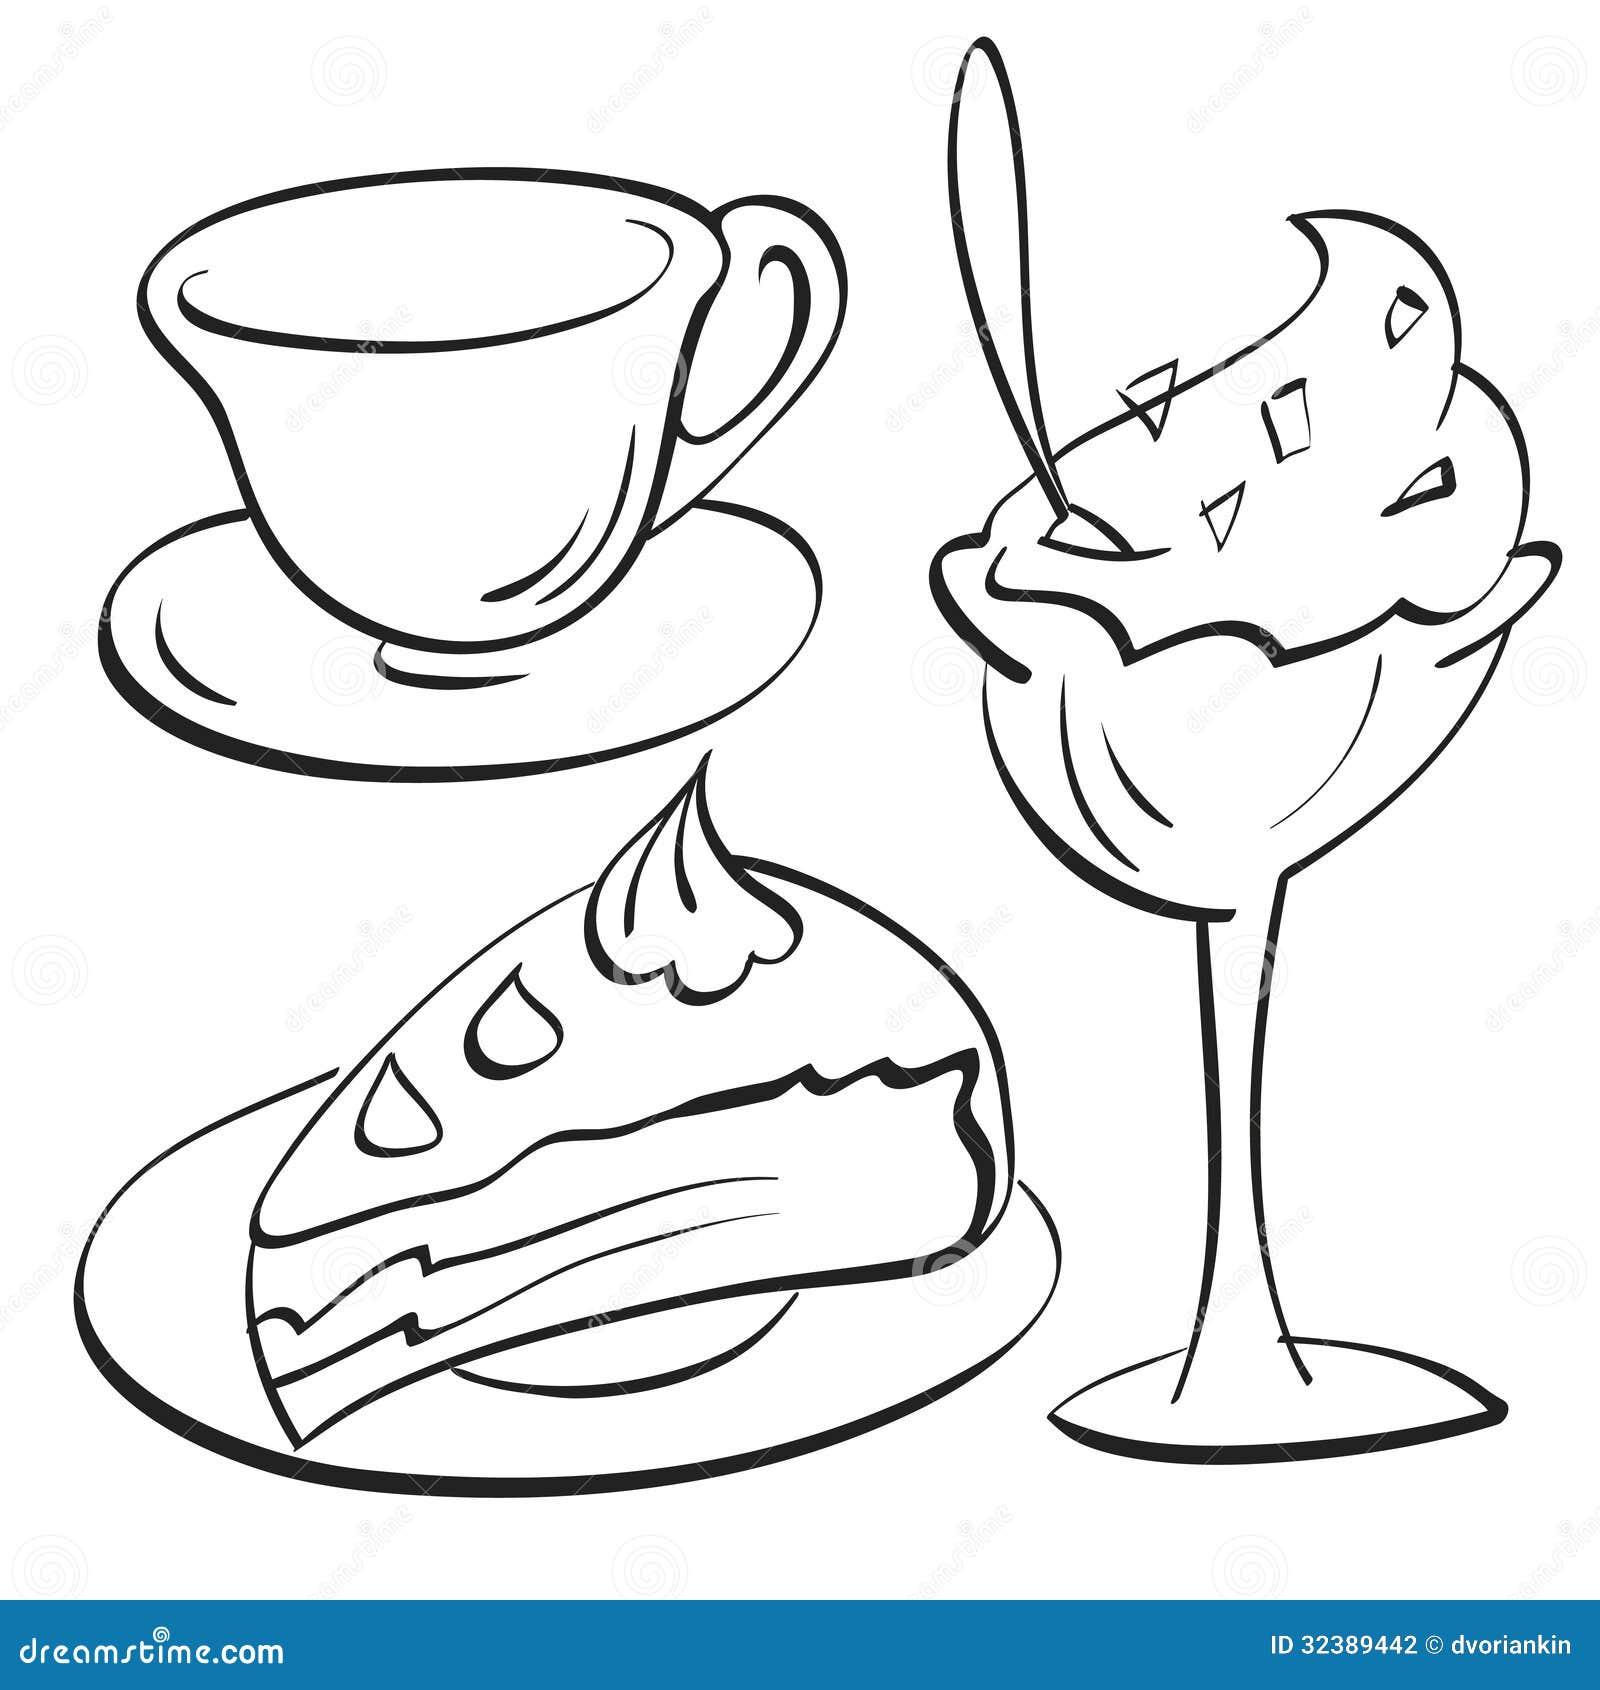 tazza dolce coppa gelato illustrazioni vettoriali e